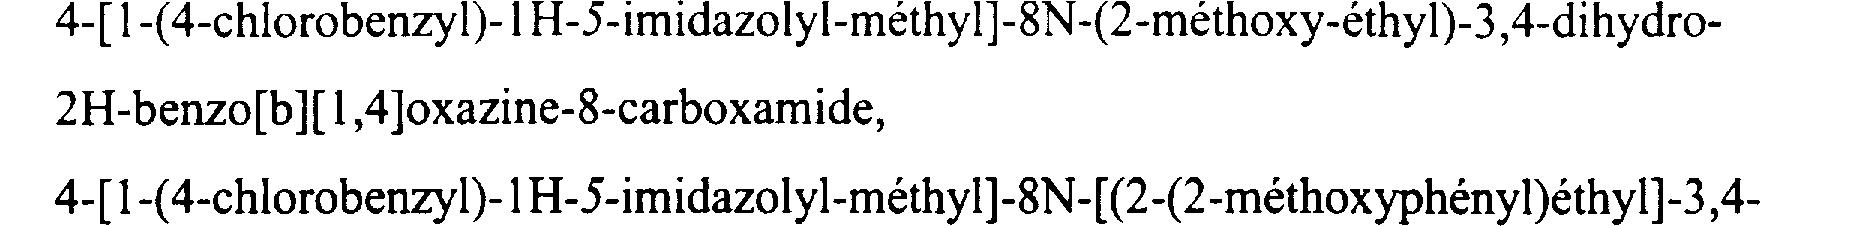 Figure img00930001